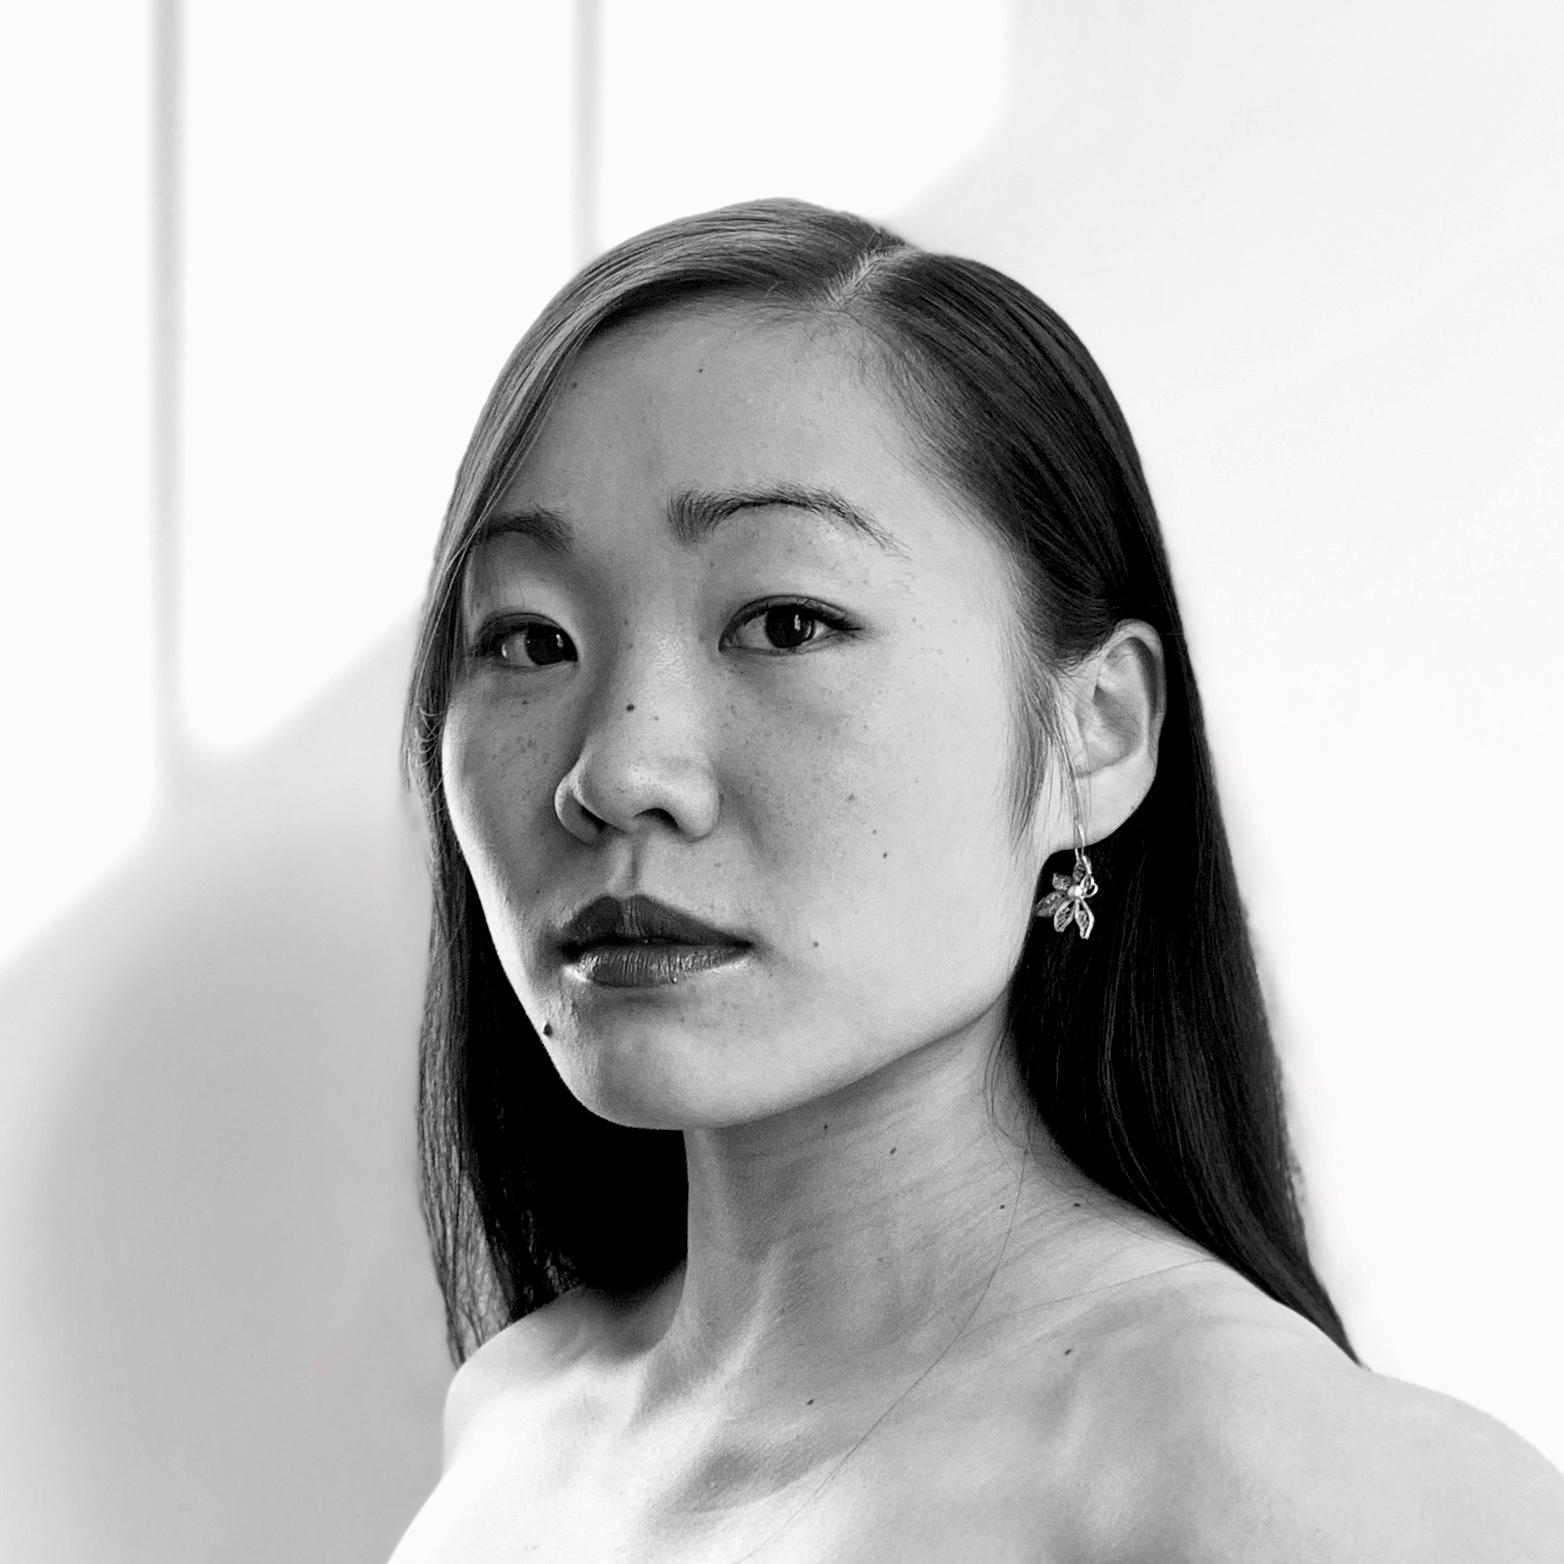 Black & white portrait of ODC/Dance Company dancer Cora Cliburn